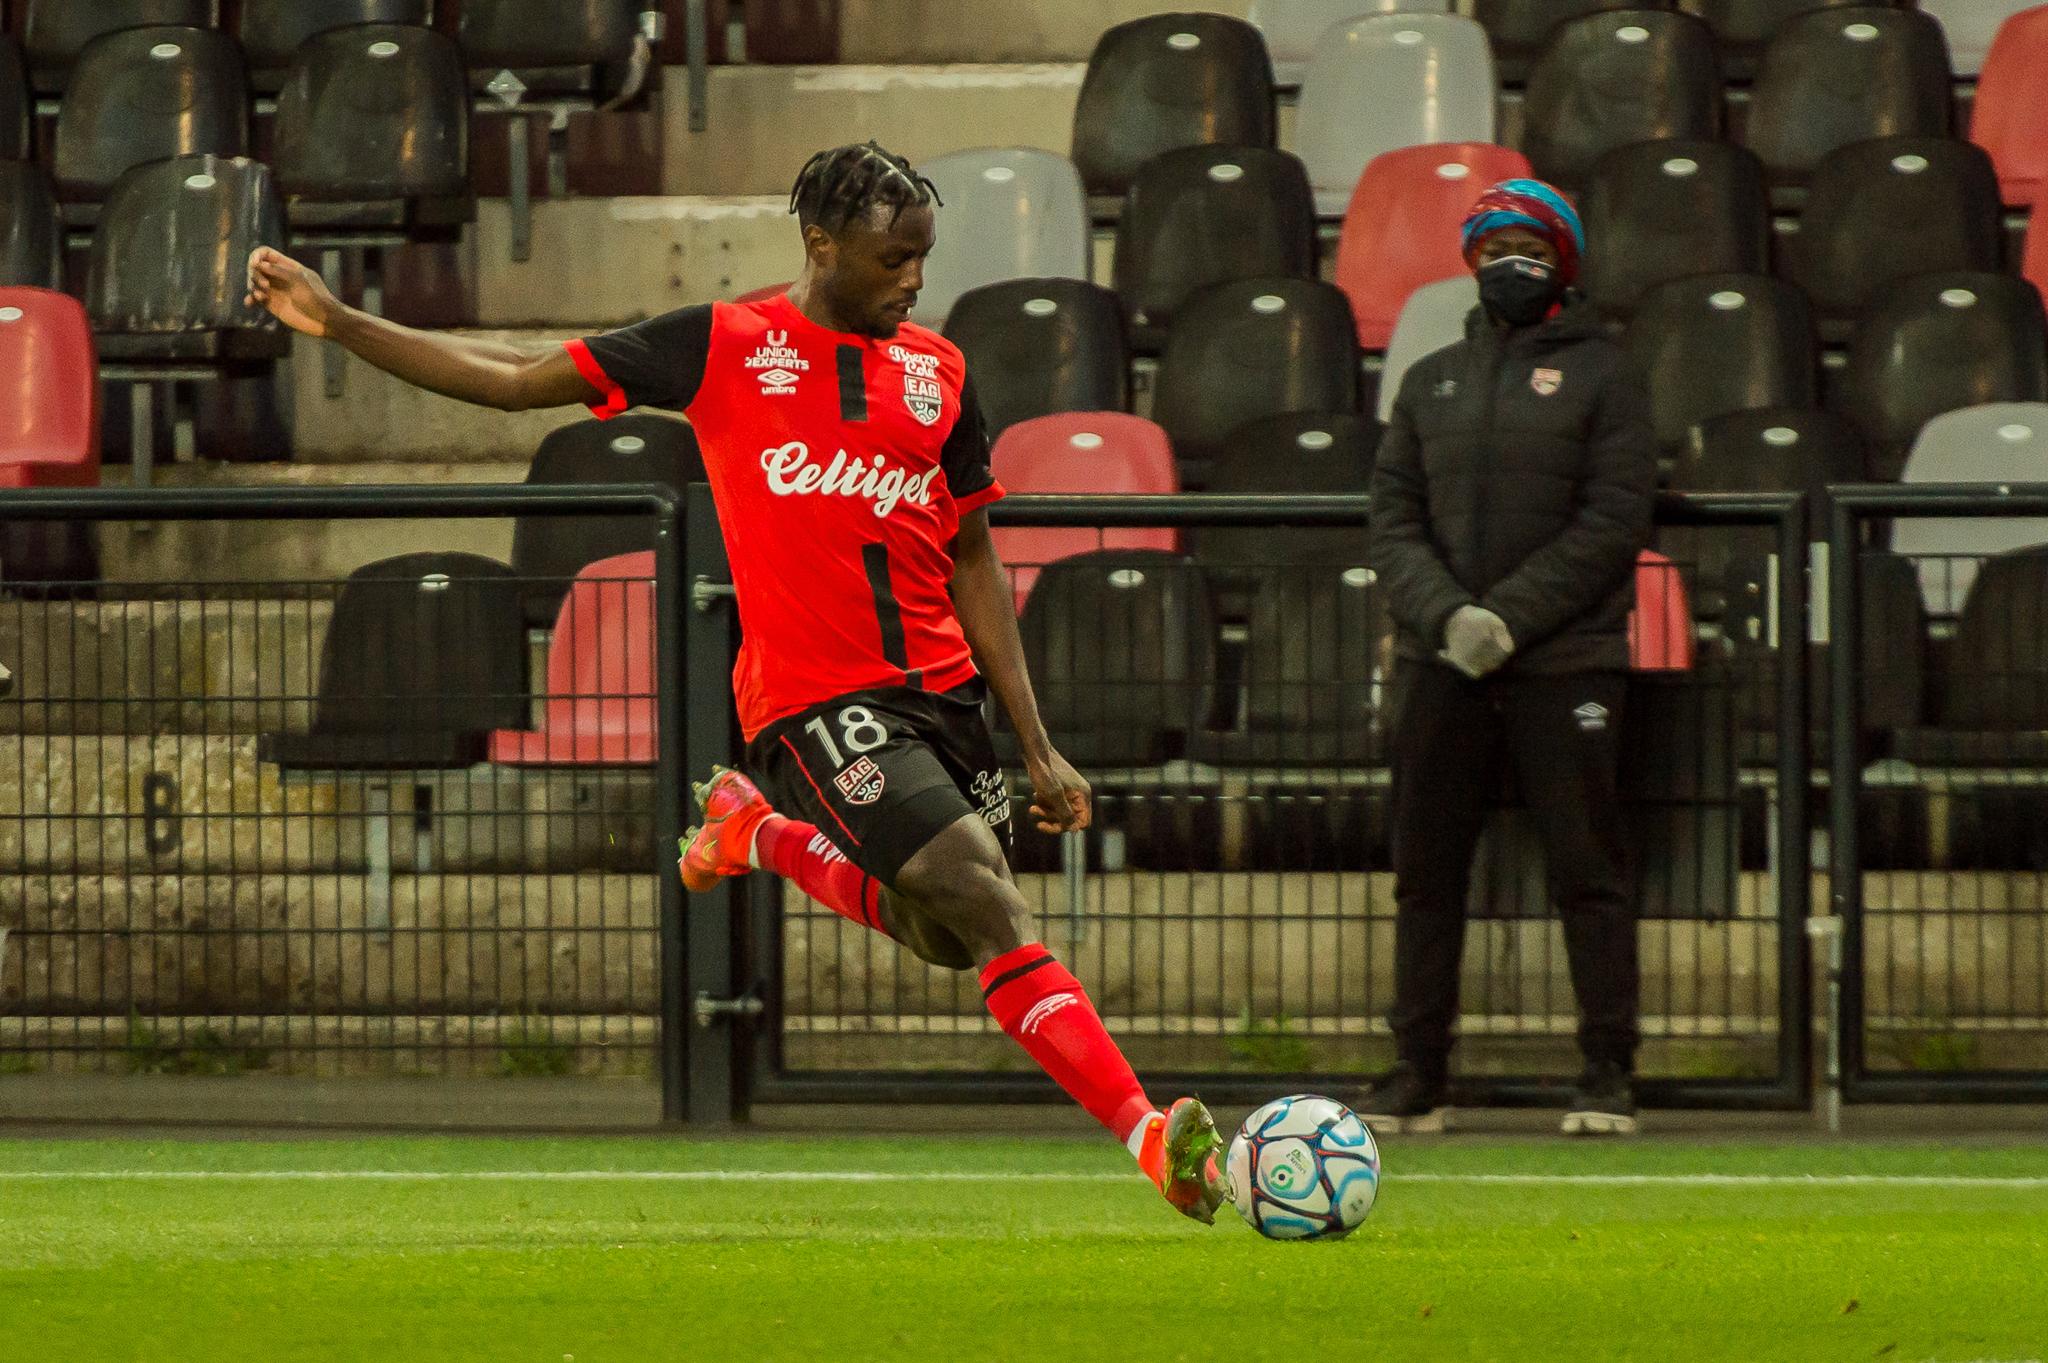 EA Guingamp La Berrichonne Châteauroux J37 Ligue 2 BKT EAGLBC 2-0 Stade de Roudourou FRA_5902